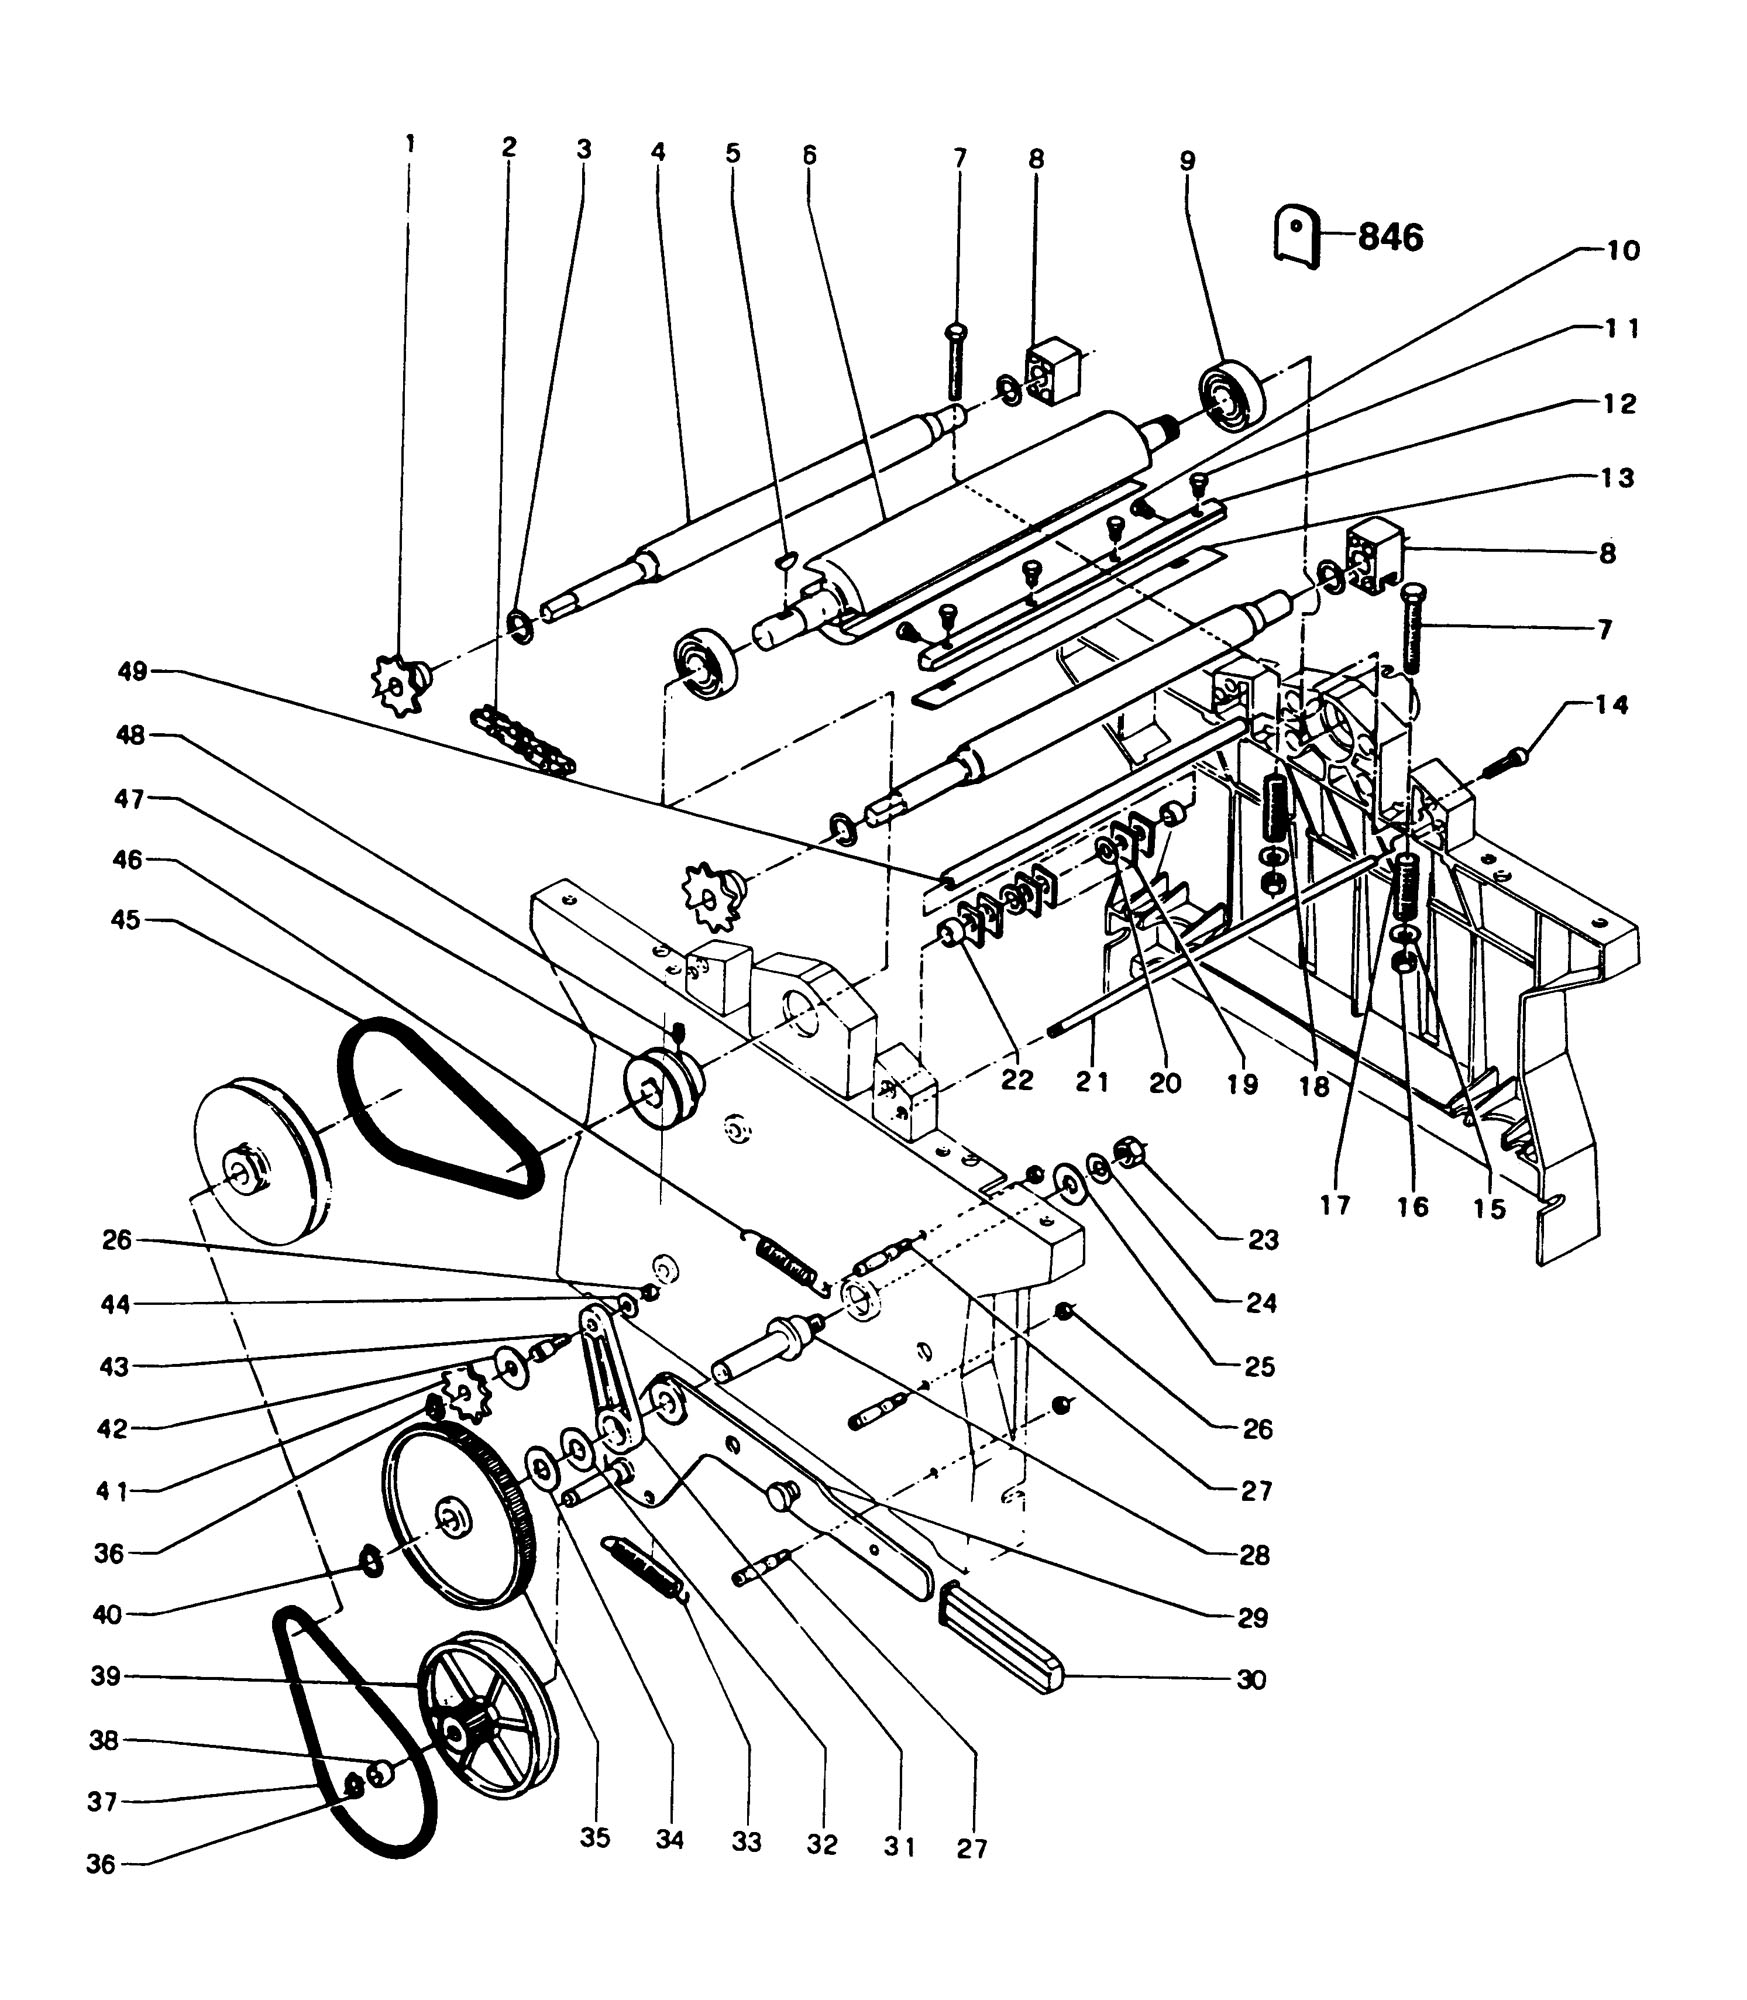 Spares For Dewalt Dw K Planer Thicknesser Type 1